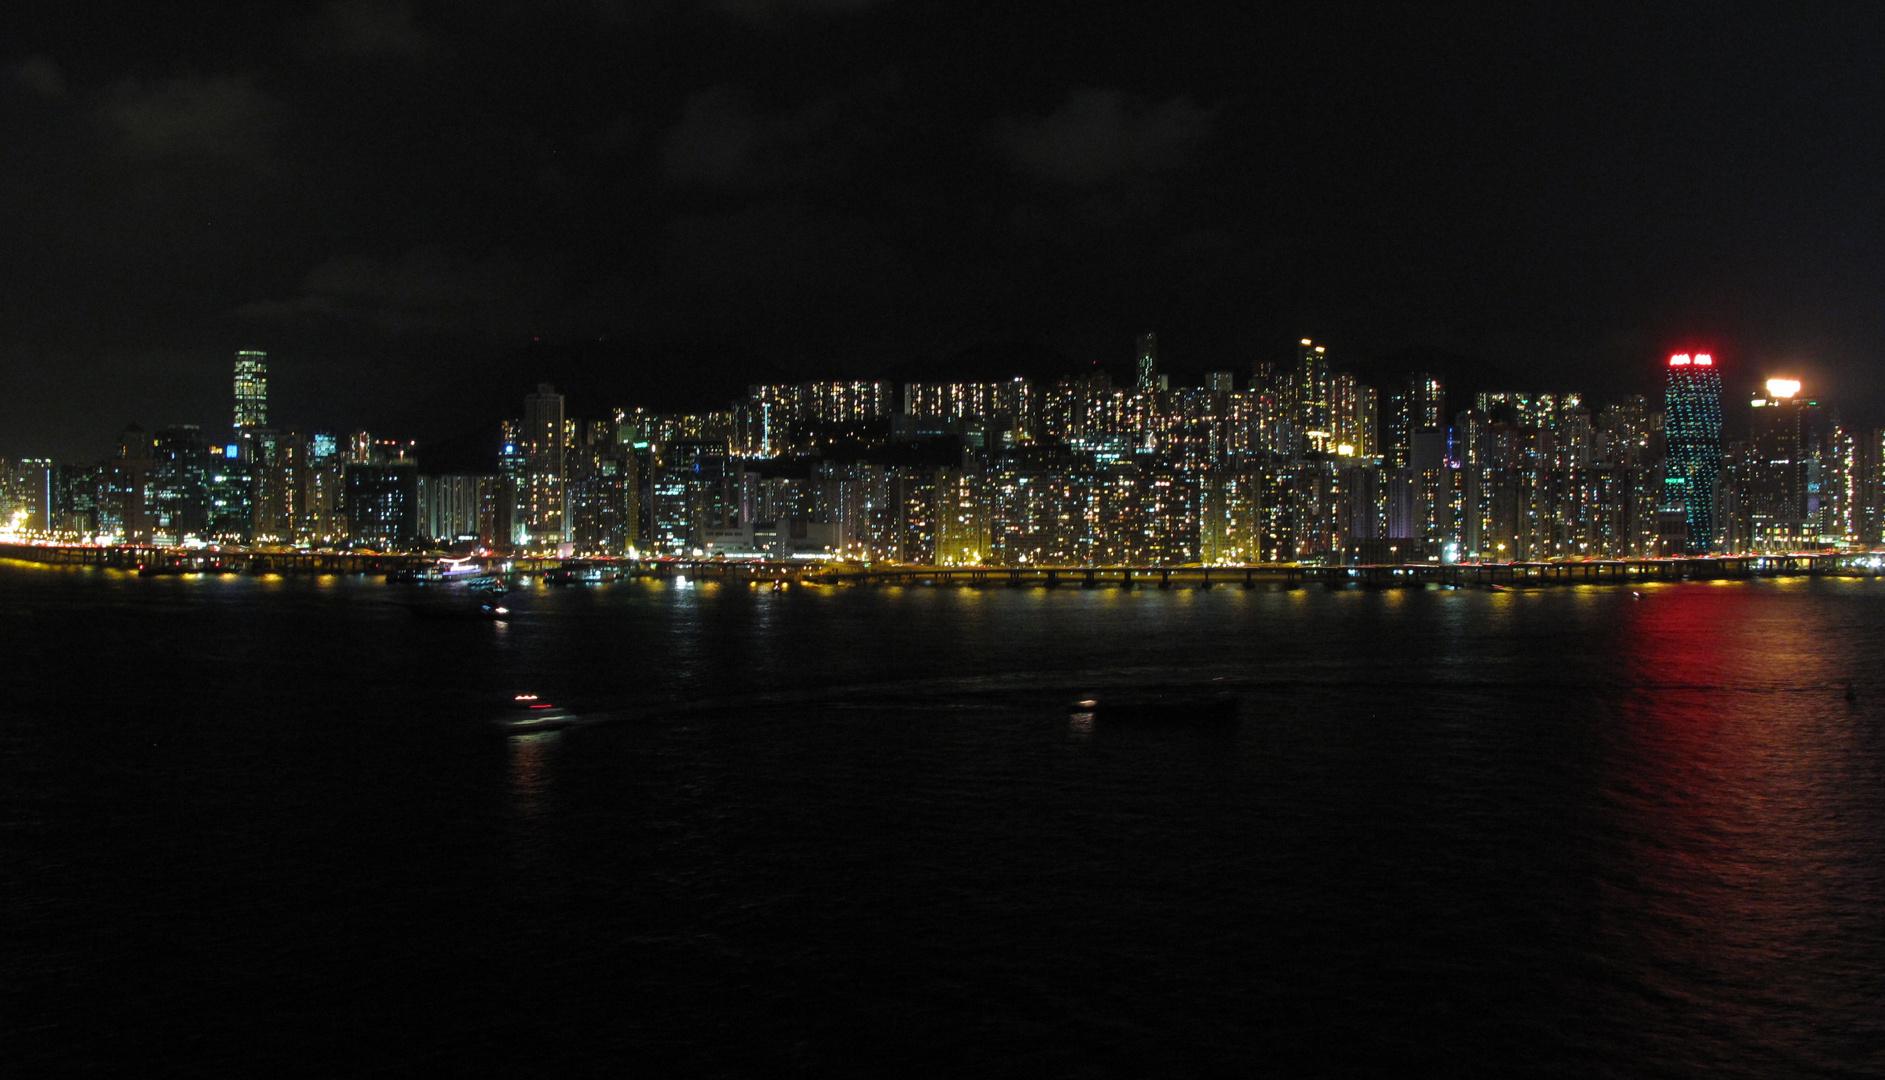 nuit sur les lumières de la ville